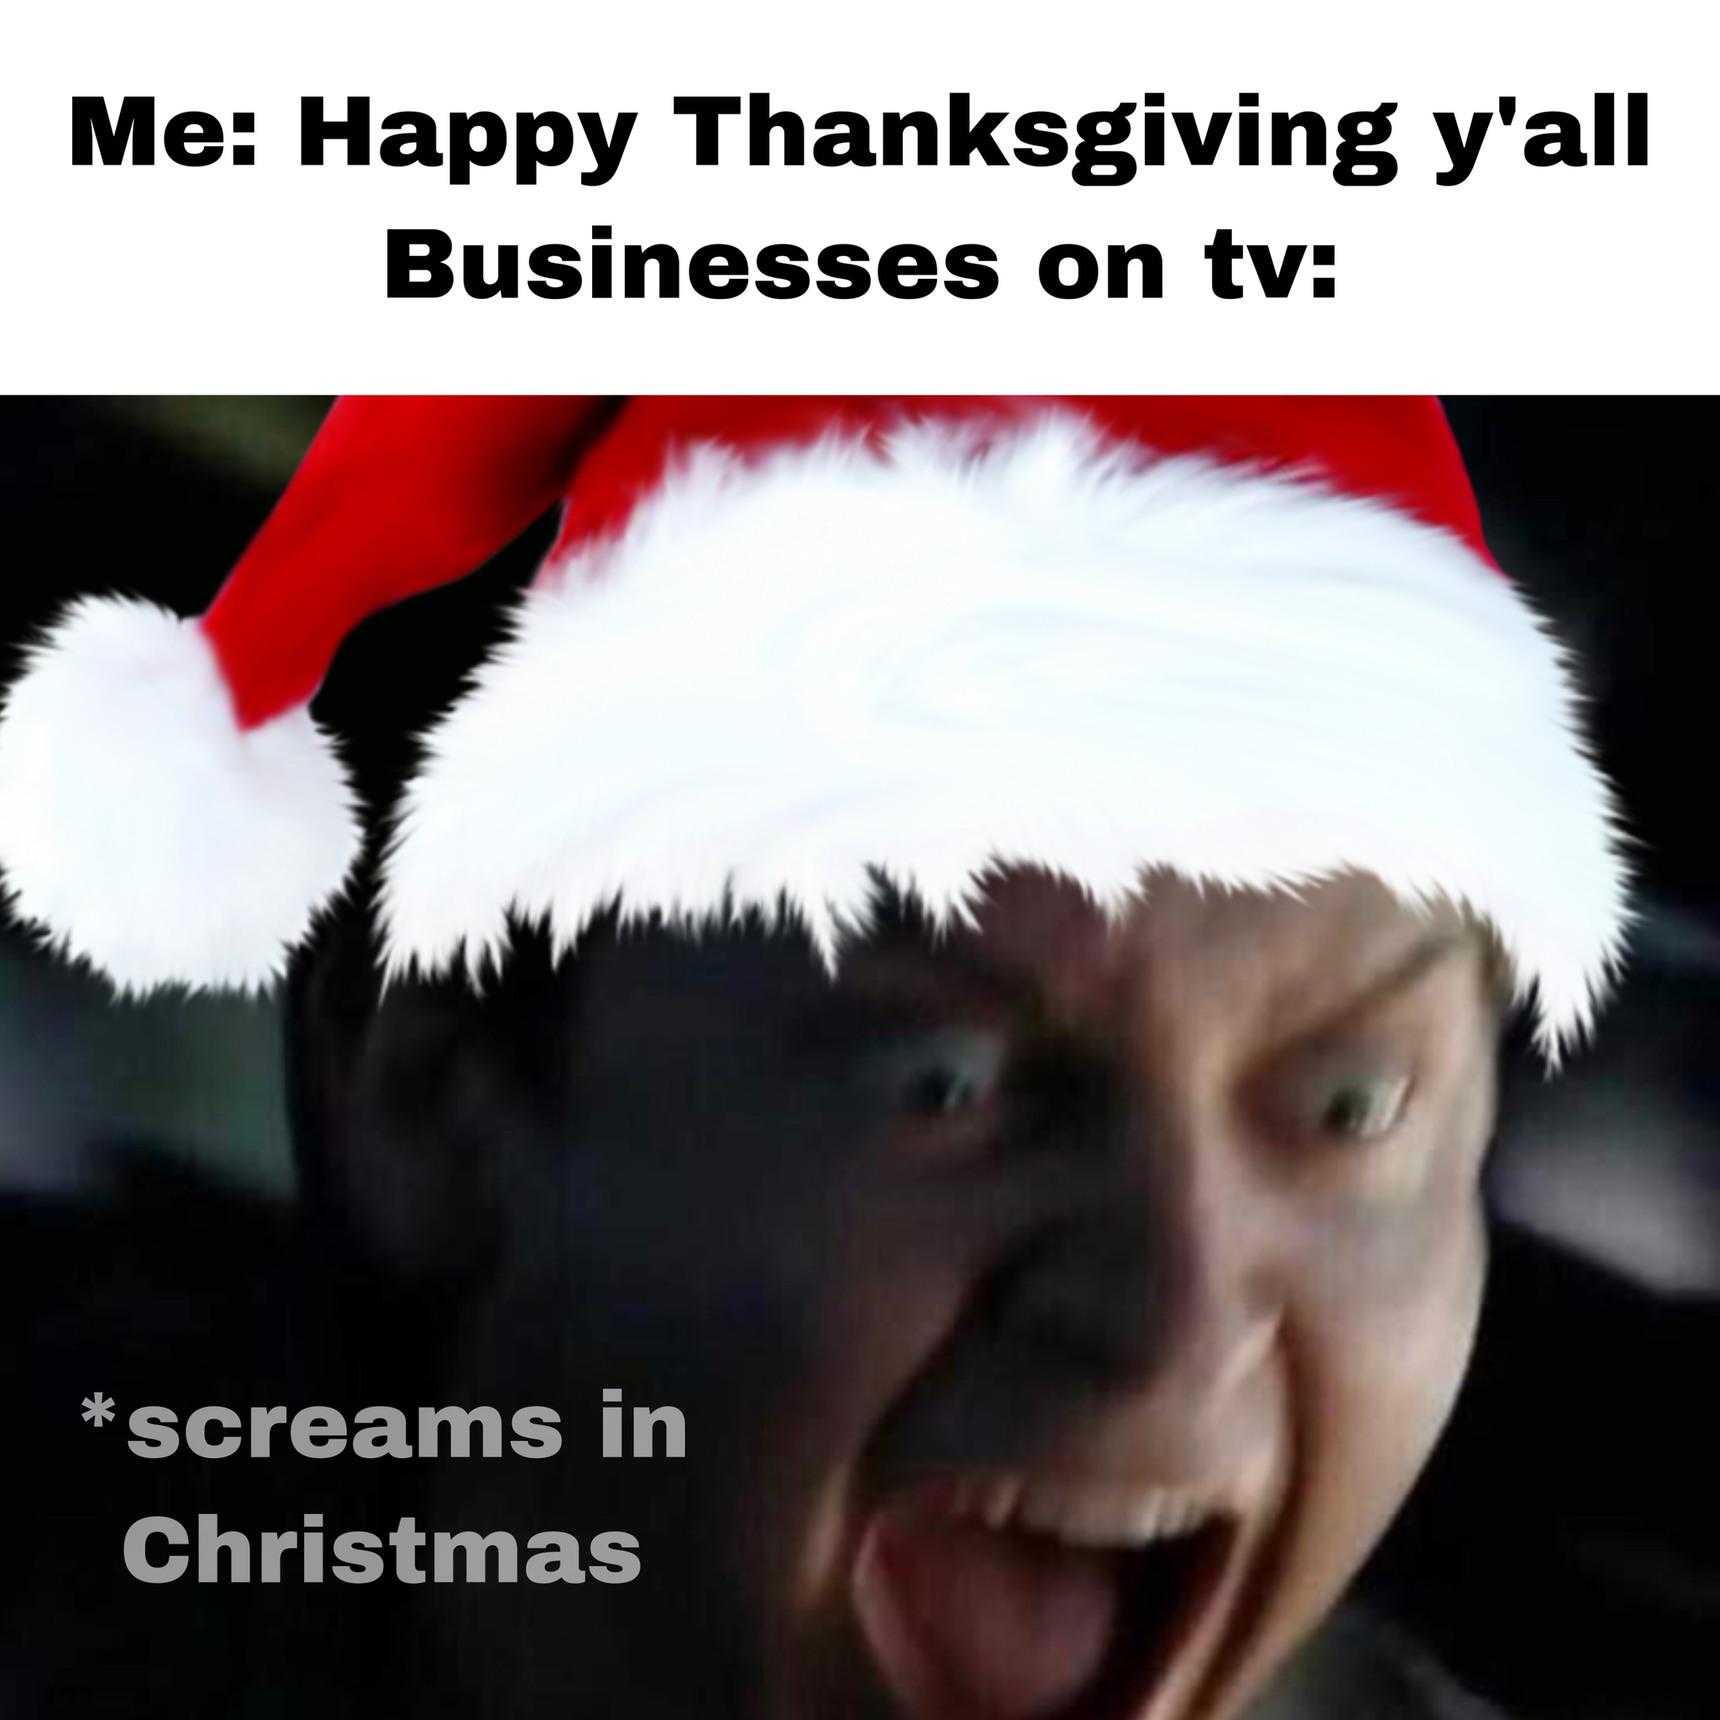 AAAHHHHHHH - meme